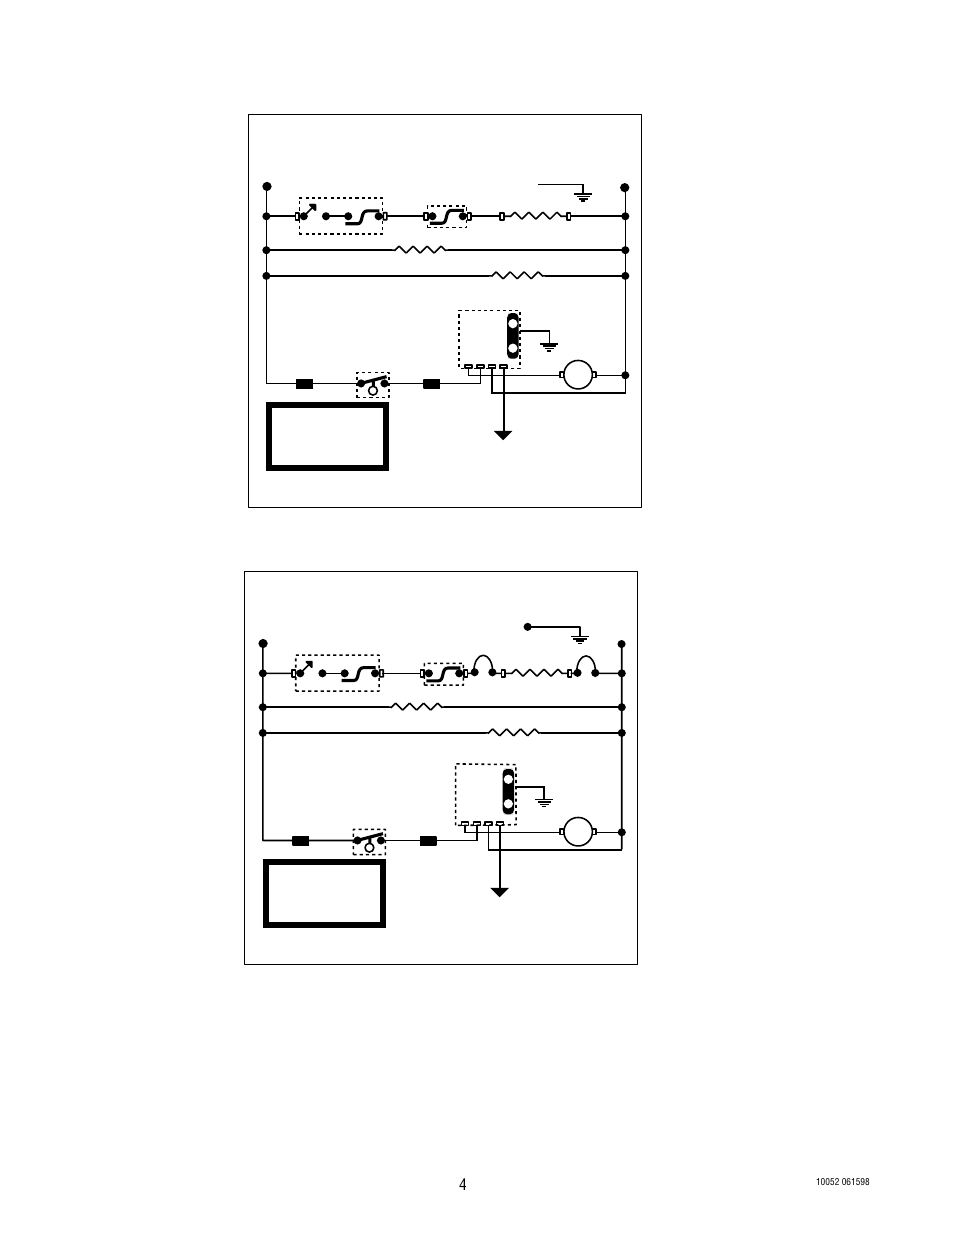 schematic wiring diagram hw2, schematic wiring diagram hw2a, wiring diagrams  | bunn hw2 user manual | page 4 / 4  manuals directory